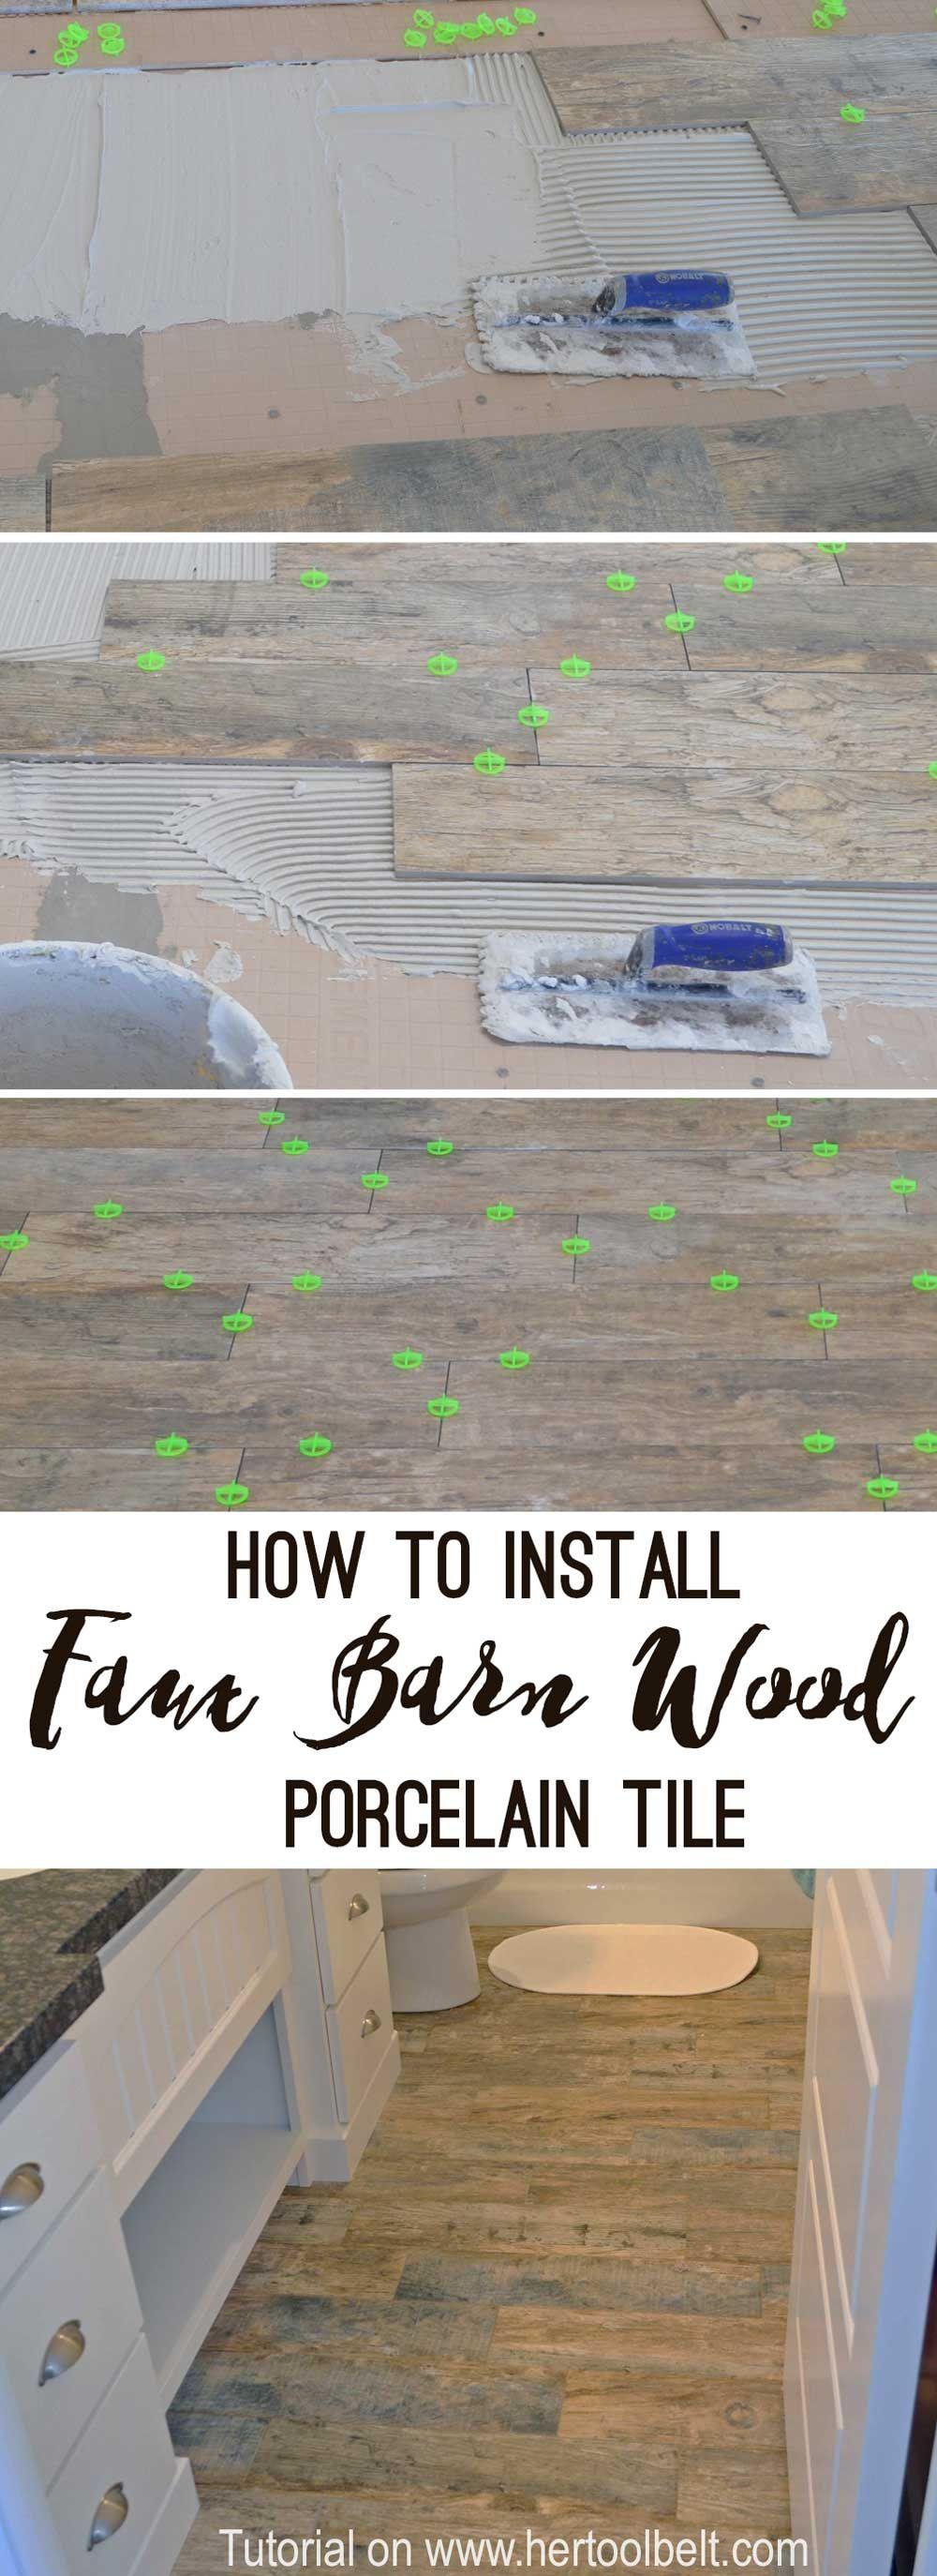 how to install wood tile barnwood awesome diy and home decor tile floor diy tile steps. Black Bedroom Furniture Sets. Home Design Ideas